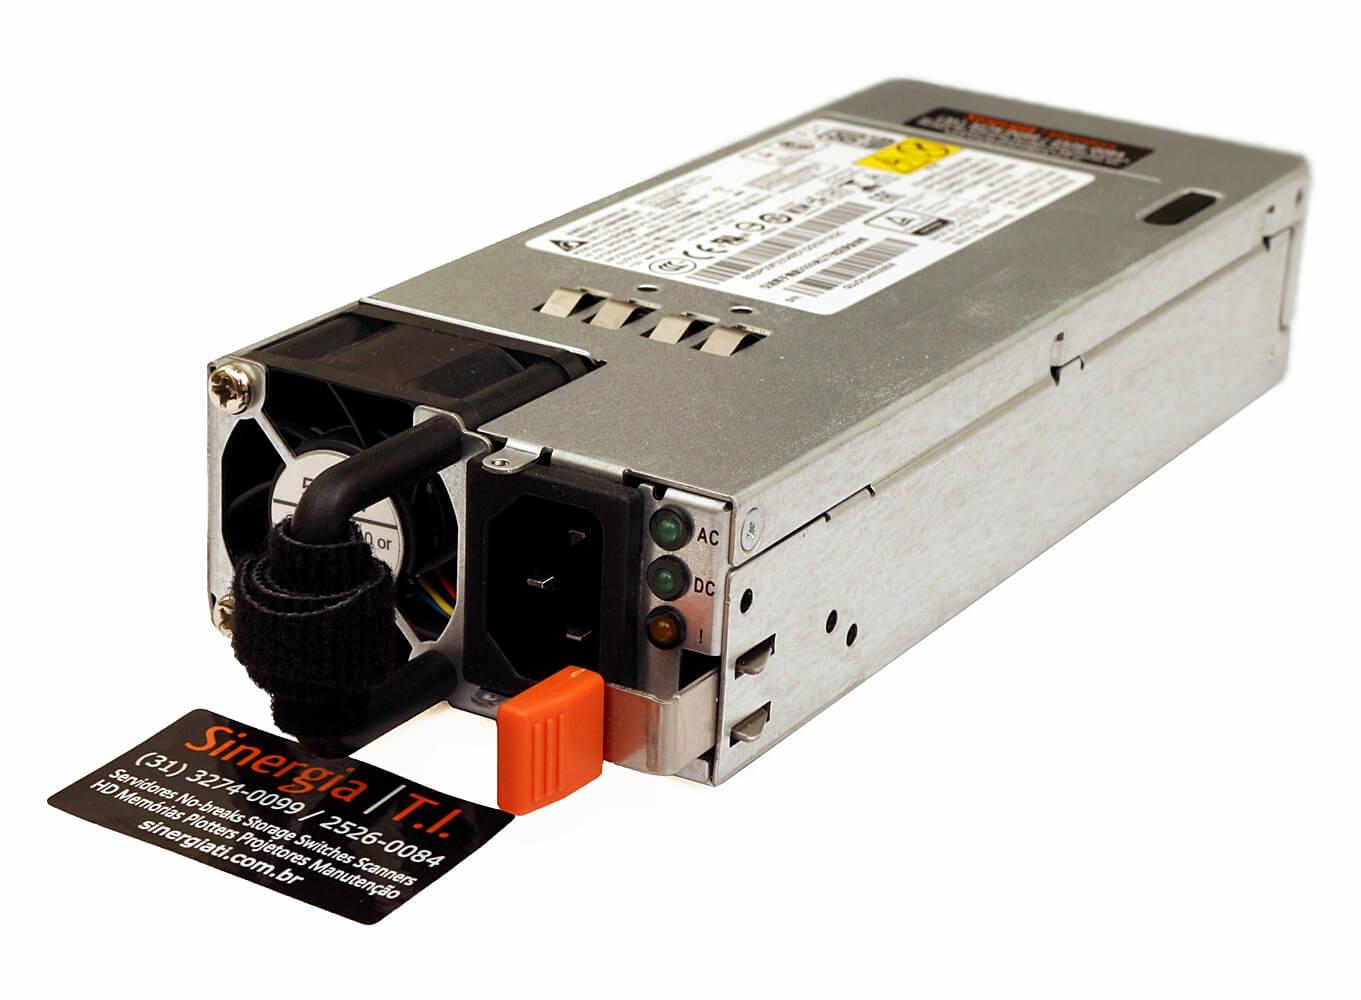 00HV224 FONTE REDUNDANTE LENOVO 550W HOT SWAP PARA SERVIDOR THINKSERVER RD450 RD550 RD650 TD350